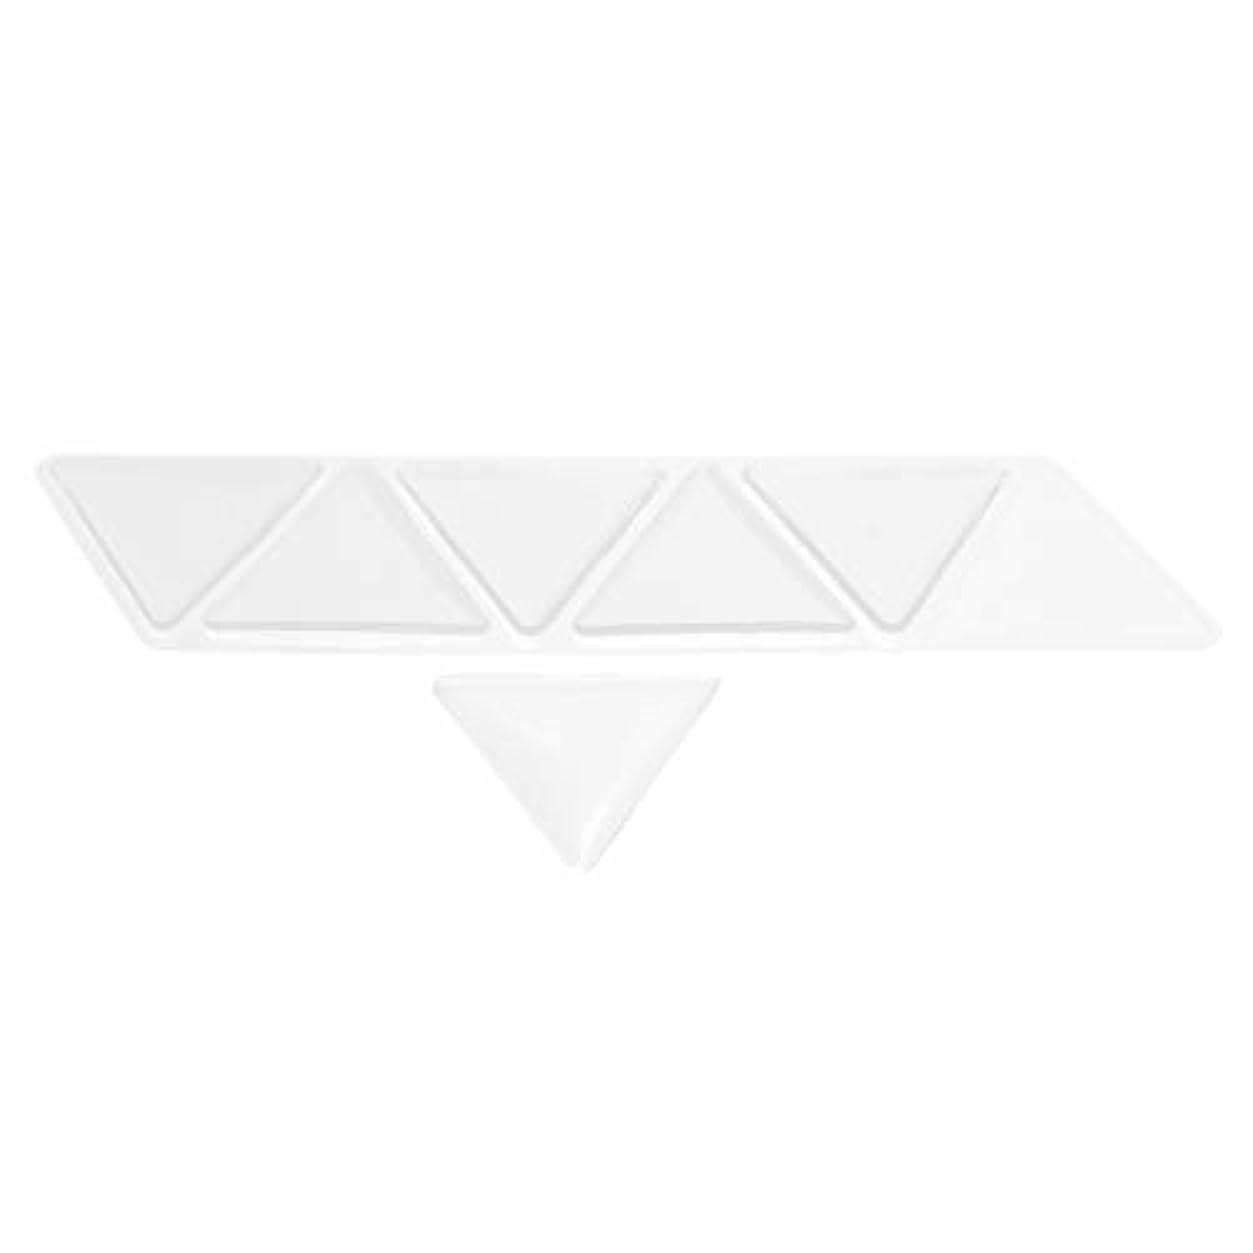 メガロポリスクレジット所有権Hellery 額パッド シリコン 透明 額スキンケア 再利用可能な 目に見えない 三角パッド 6個セット